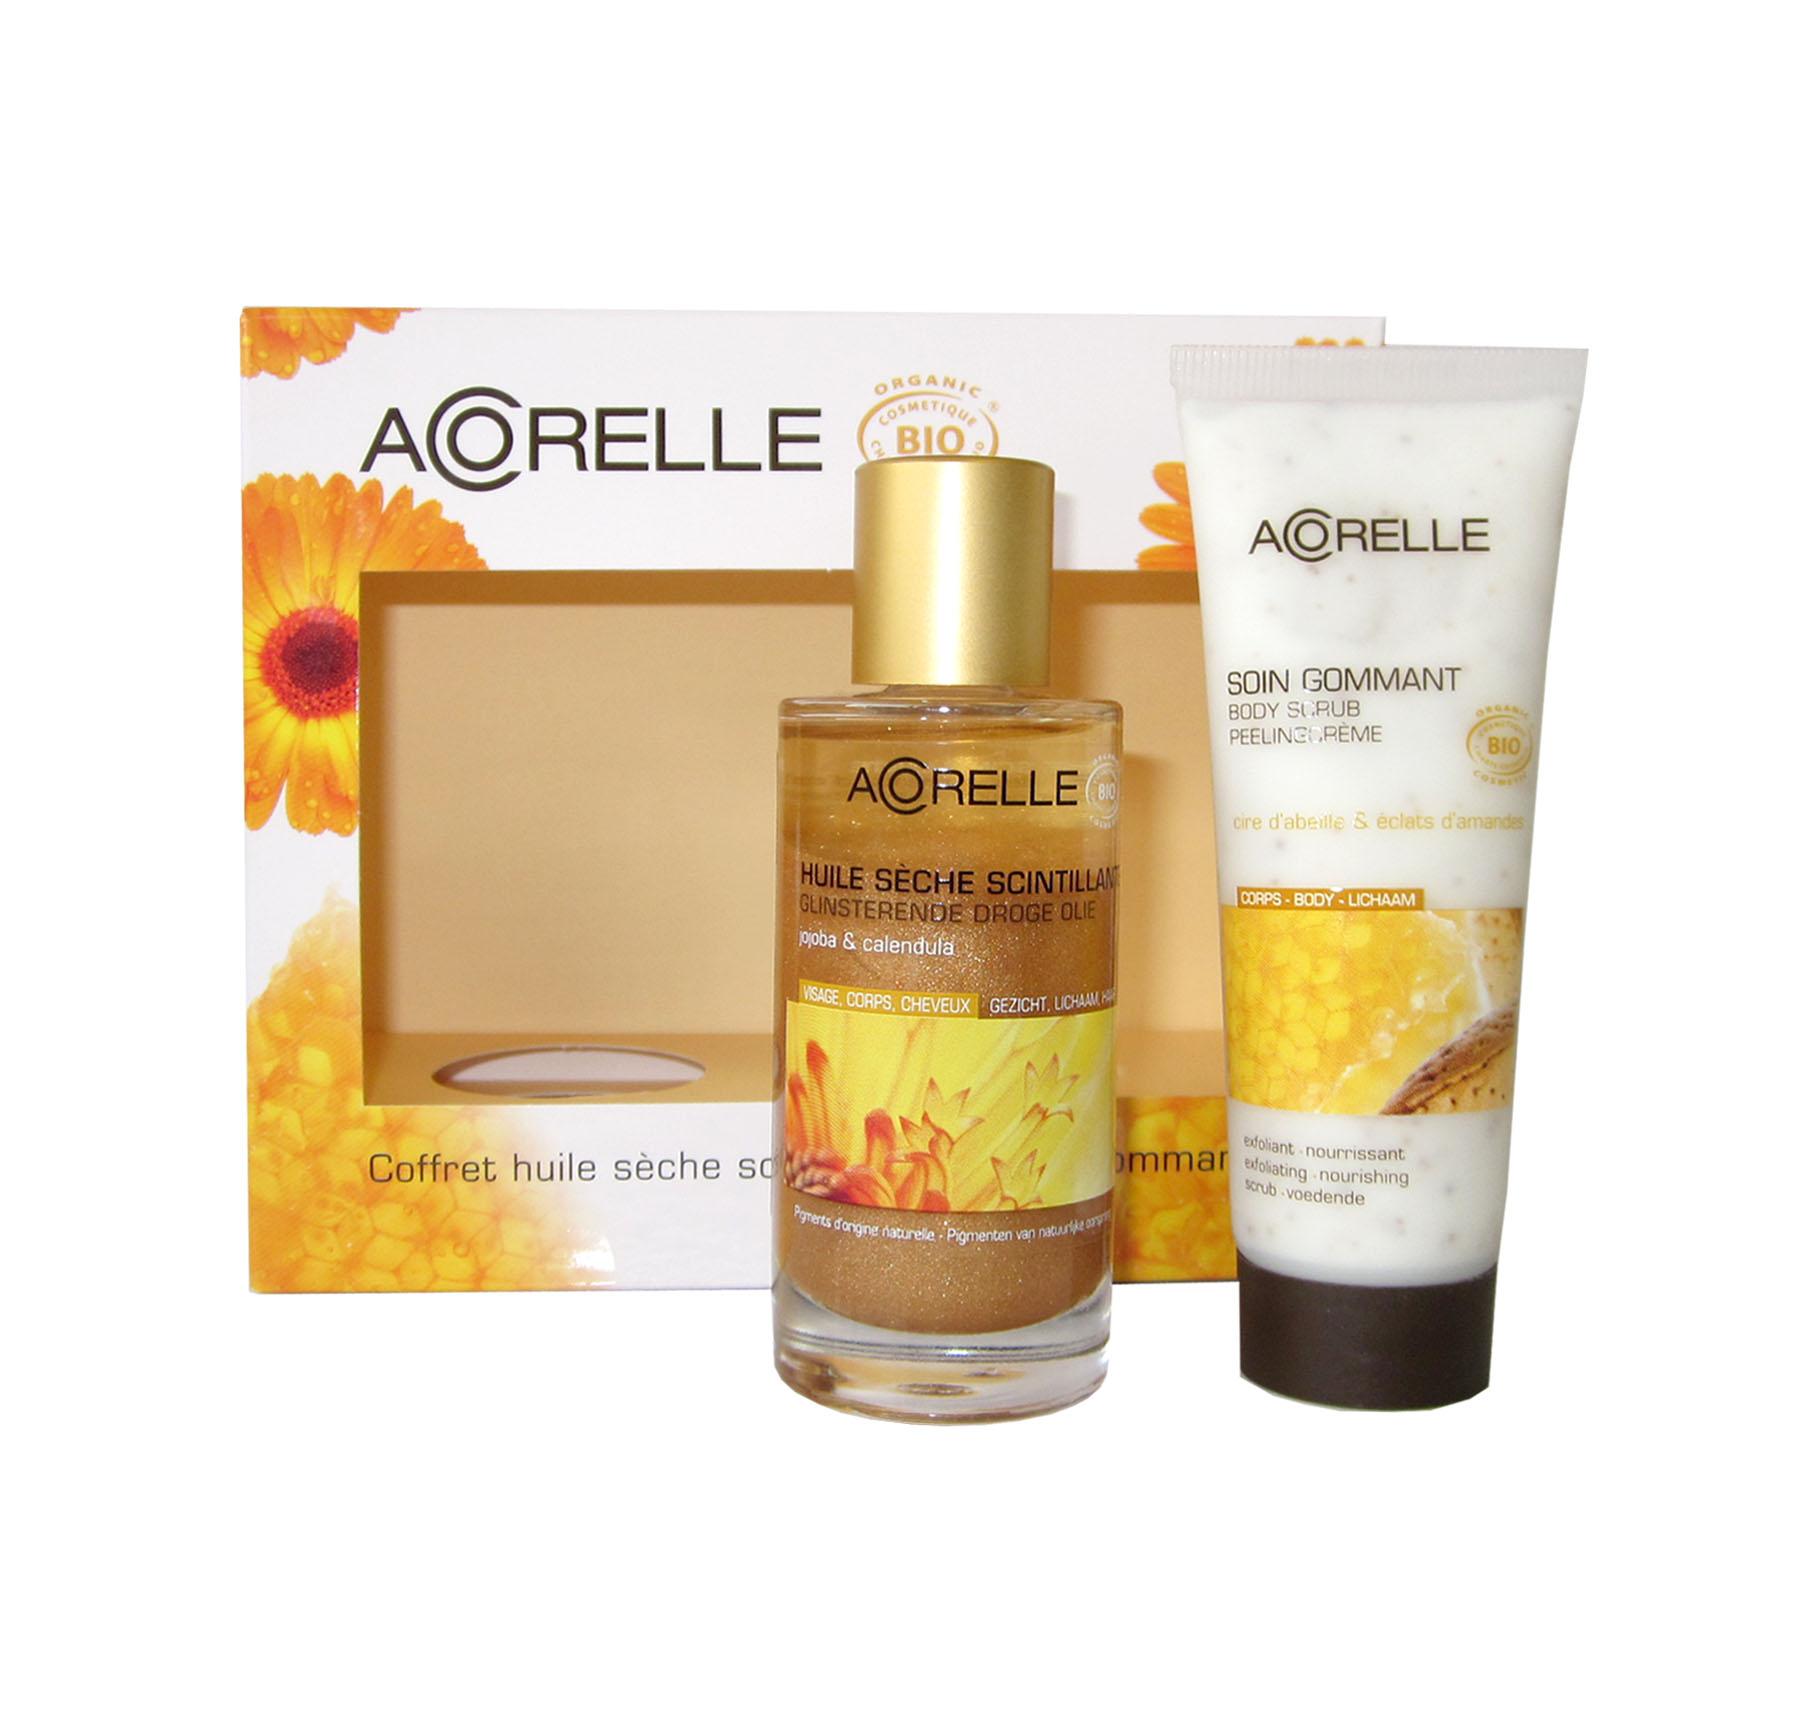 Acorelle Body Scrub & Glittering Oil Gift Set